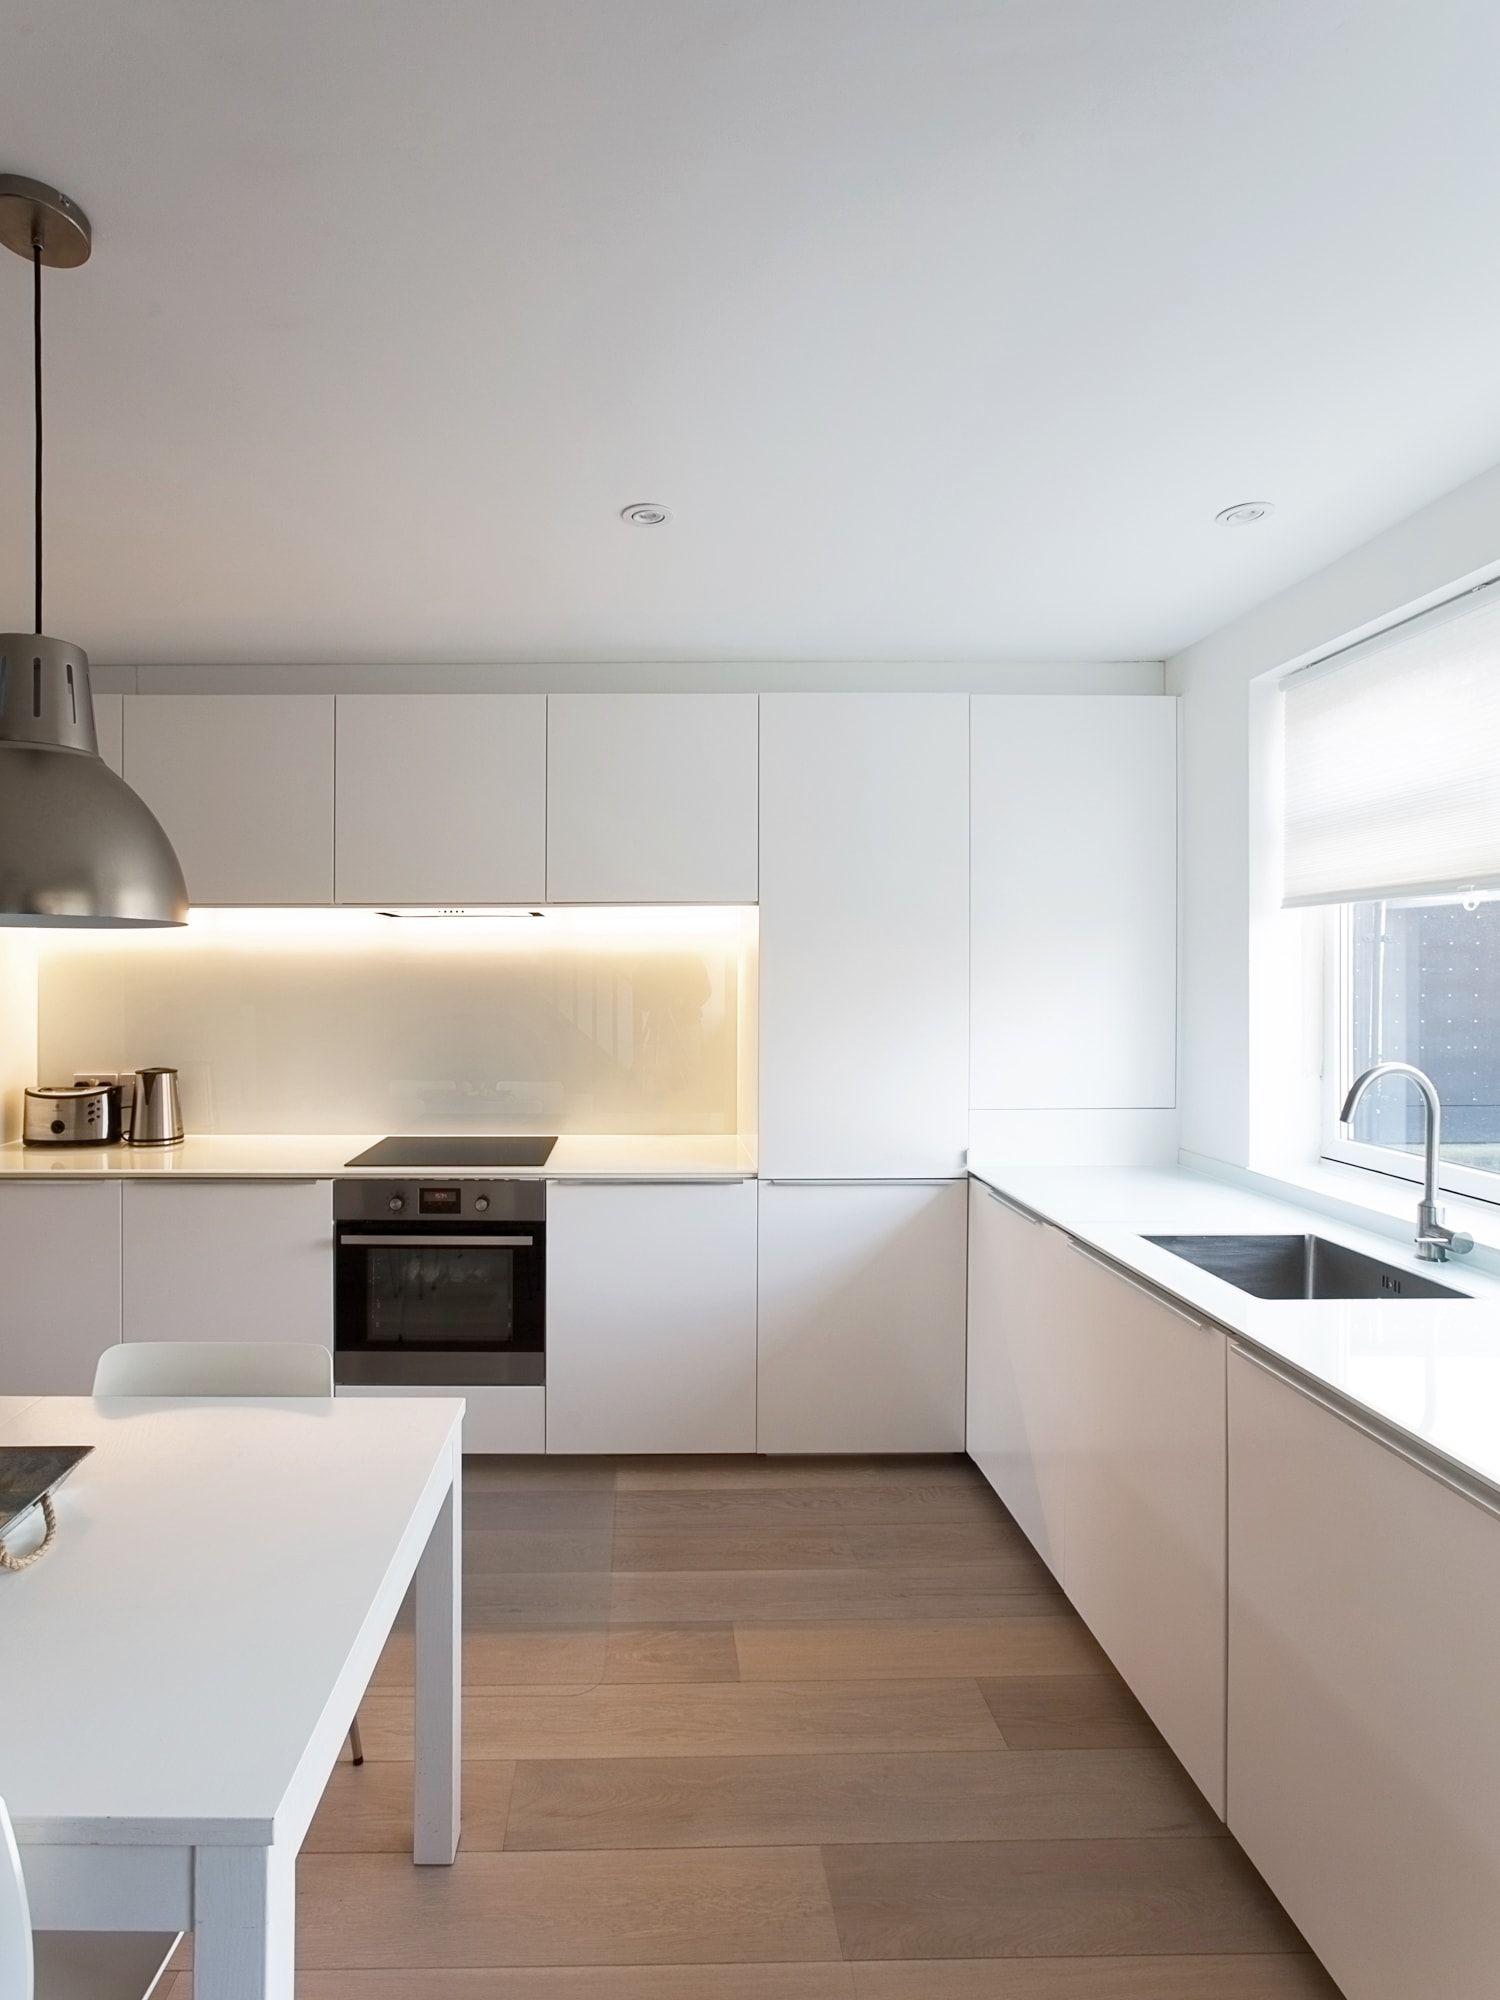 Casa en londres iv n guisado arquitectos cocinas - Suelo madera cocina ...